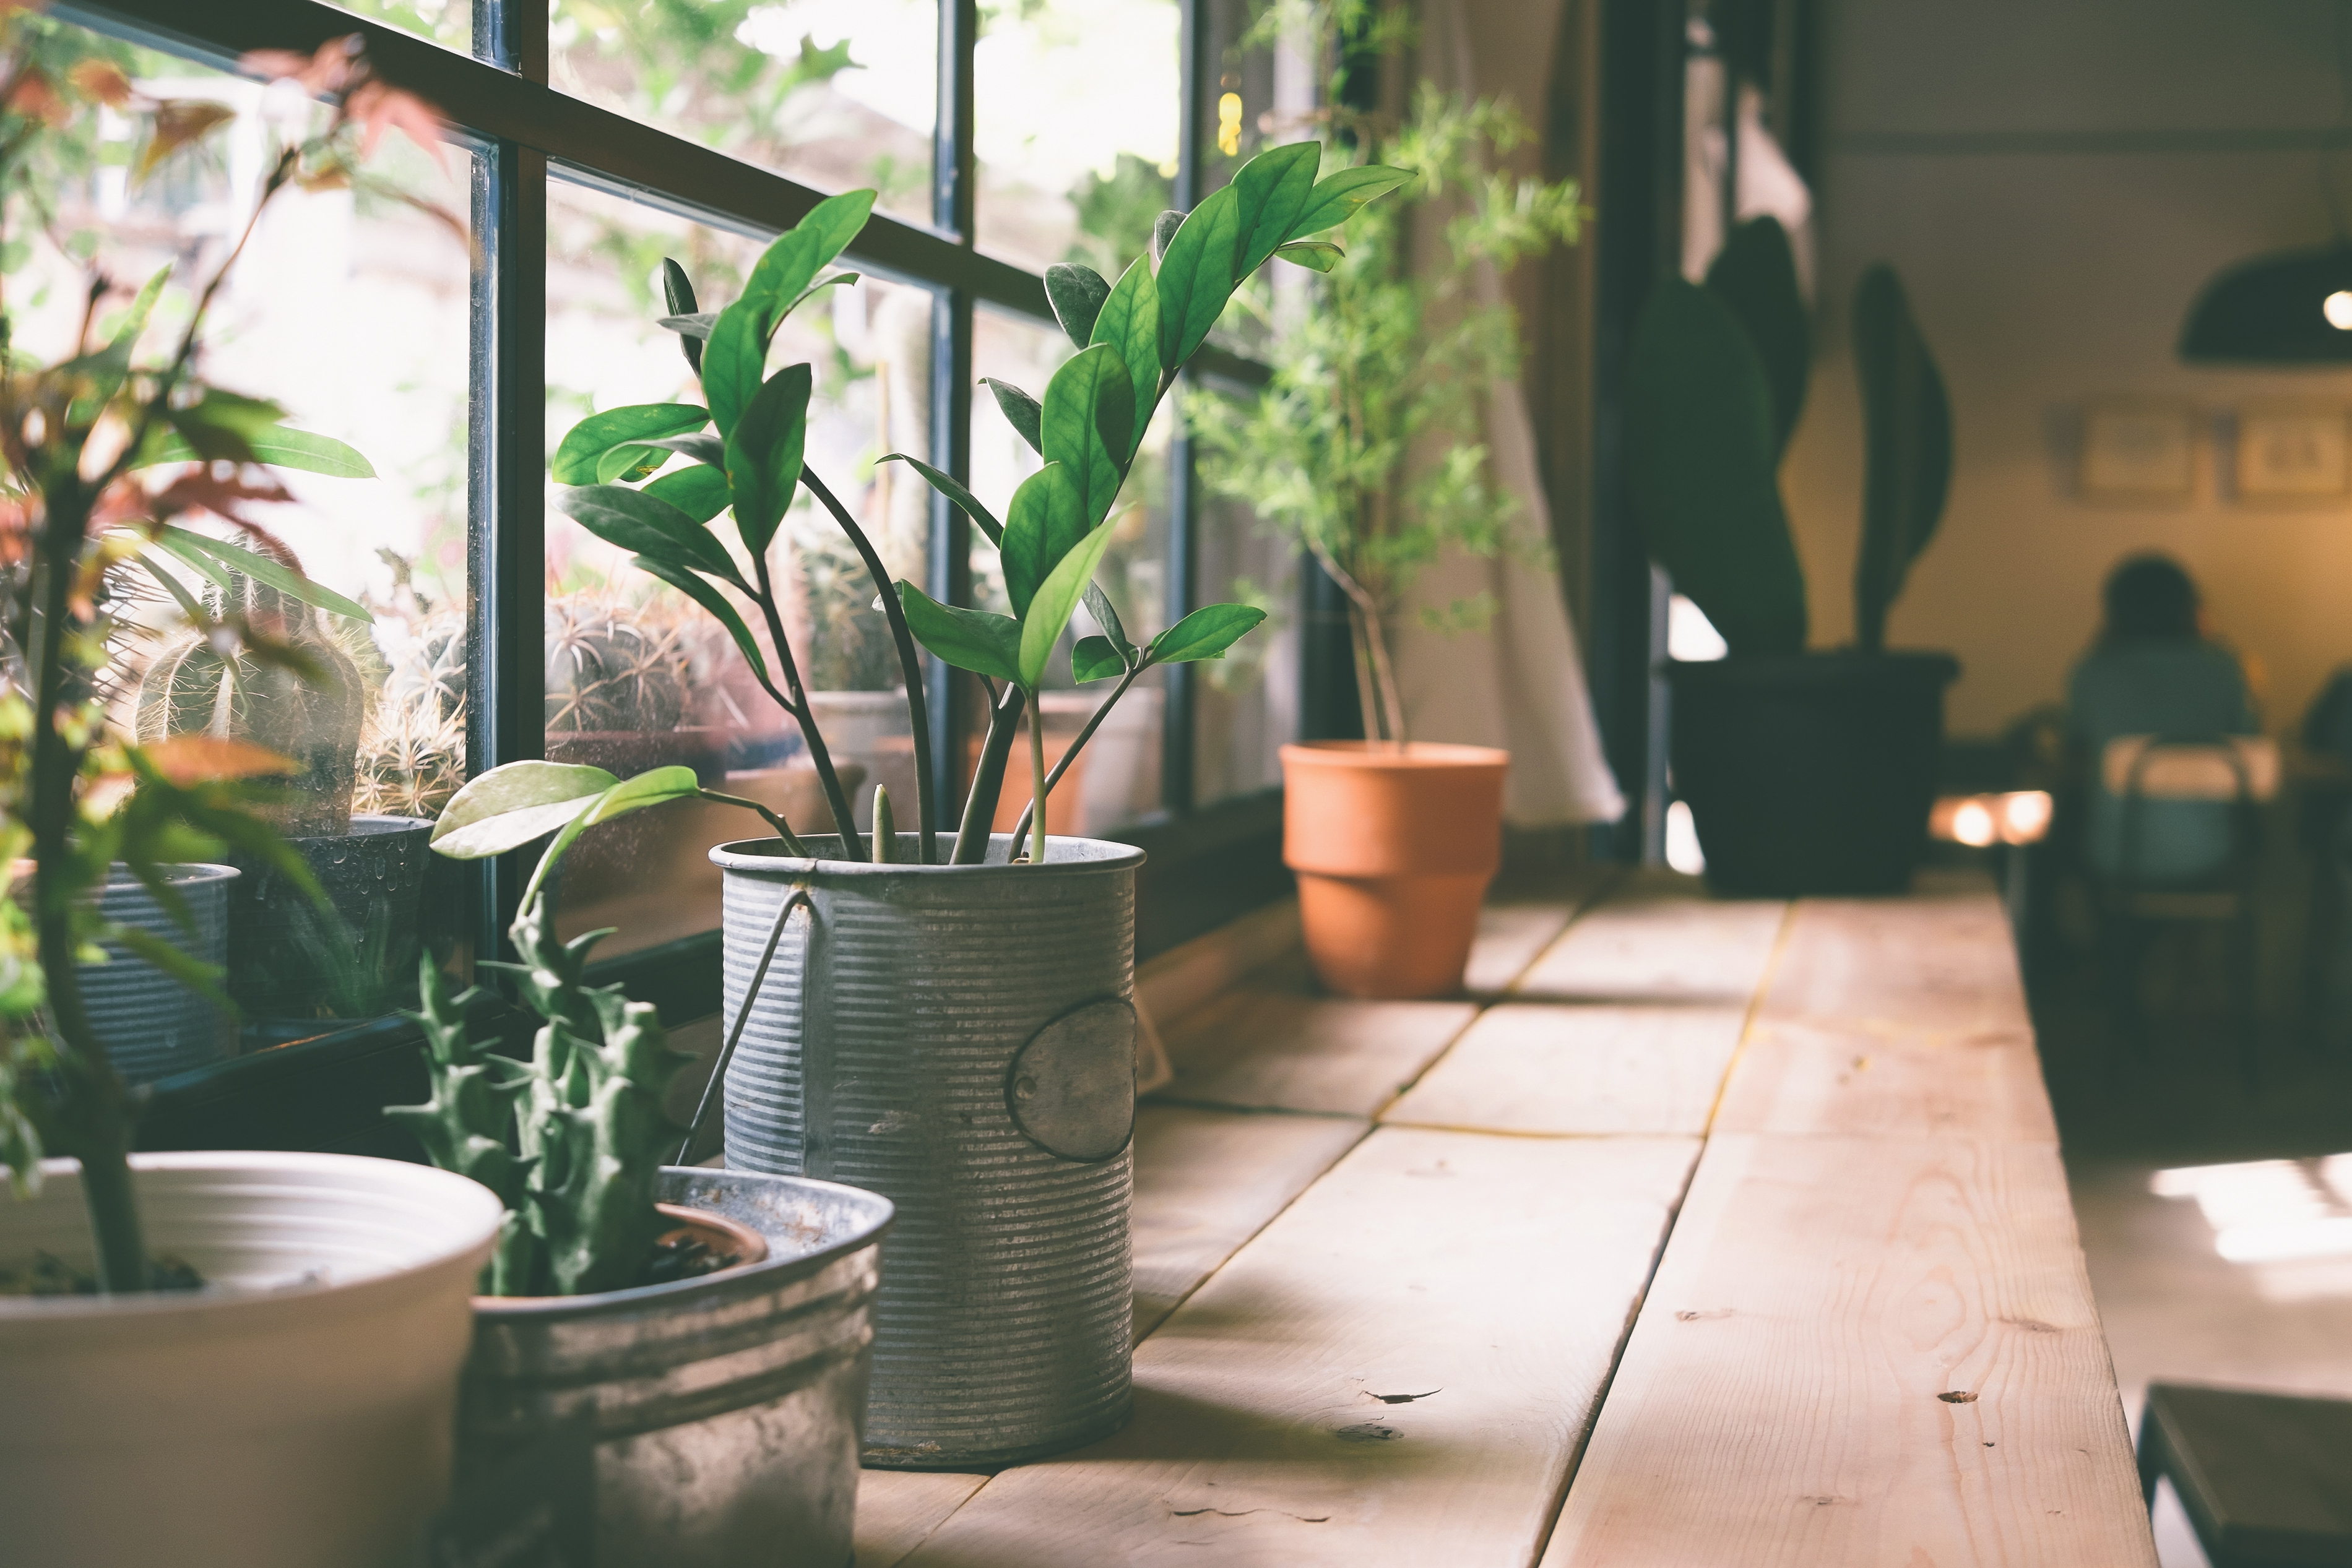 Gaan jouw planten altijd dood? Probeer dan dít simpele trucje eens!